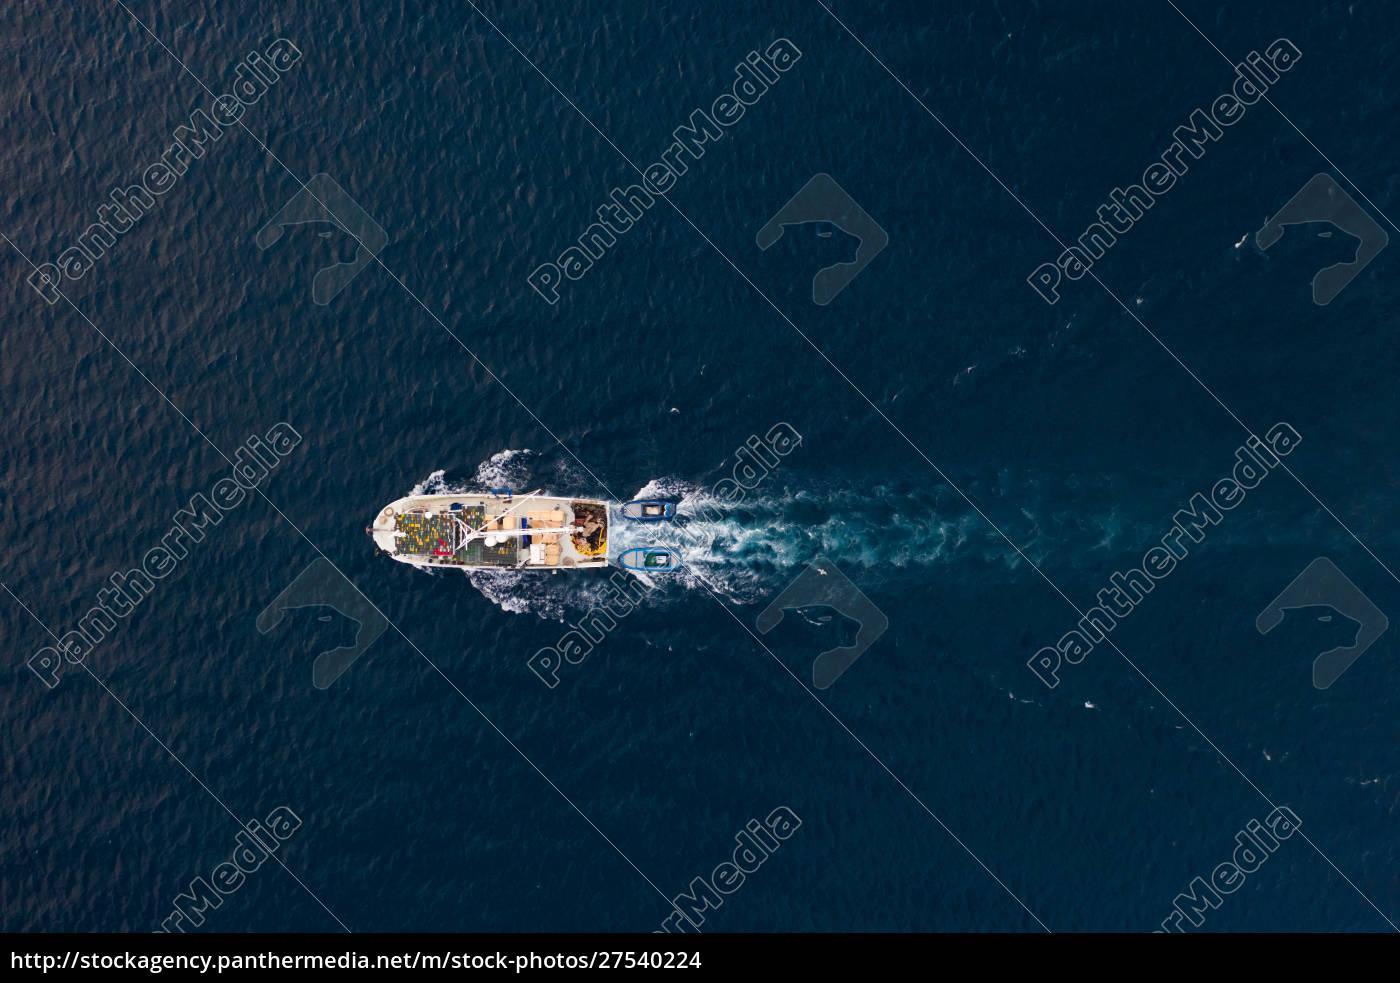 luftaufnahme, des, fischerbootes, segeln, an, der - 27540224